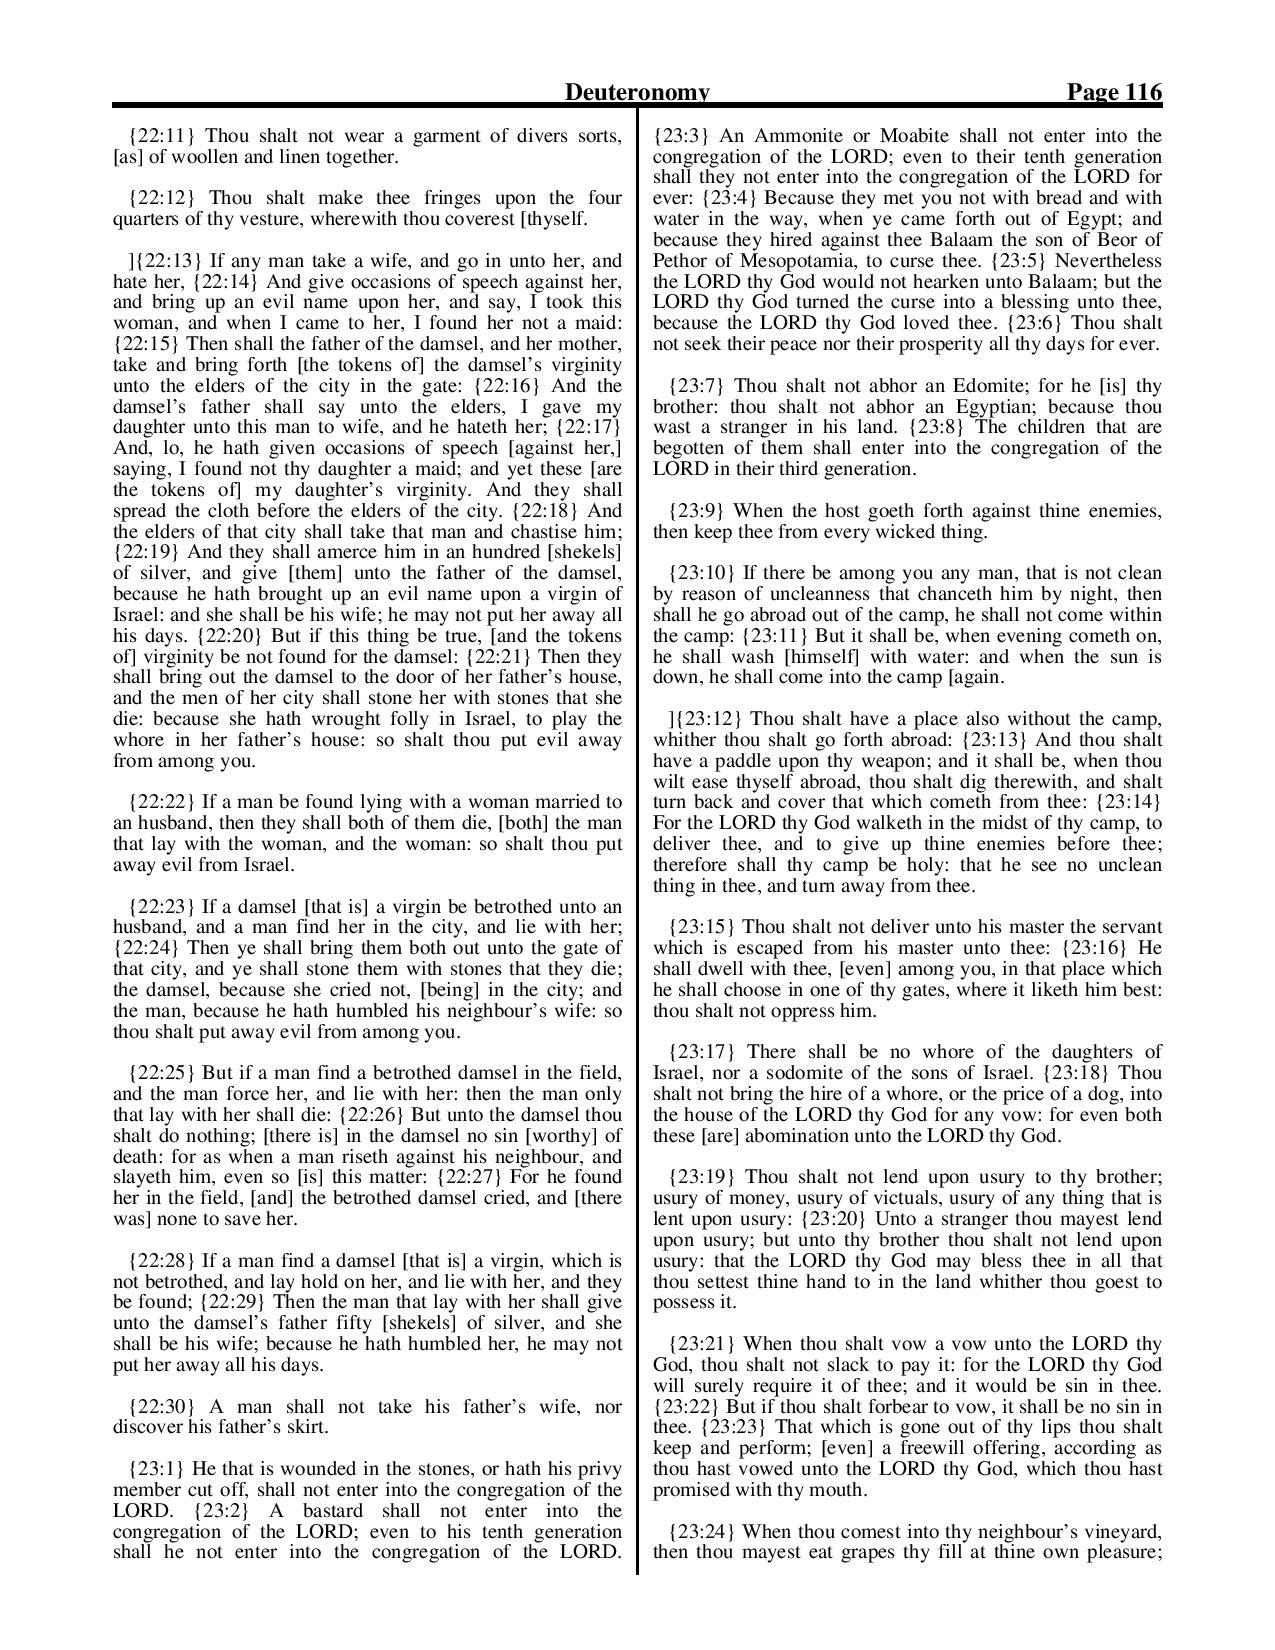 King-James-Bible-KJV-Bible-PDF-page-137